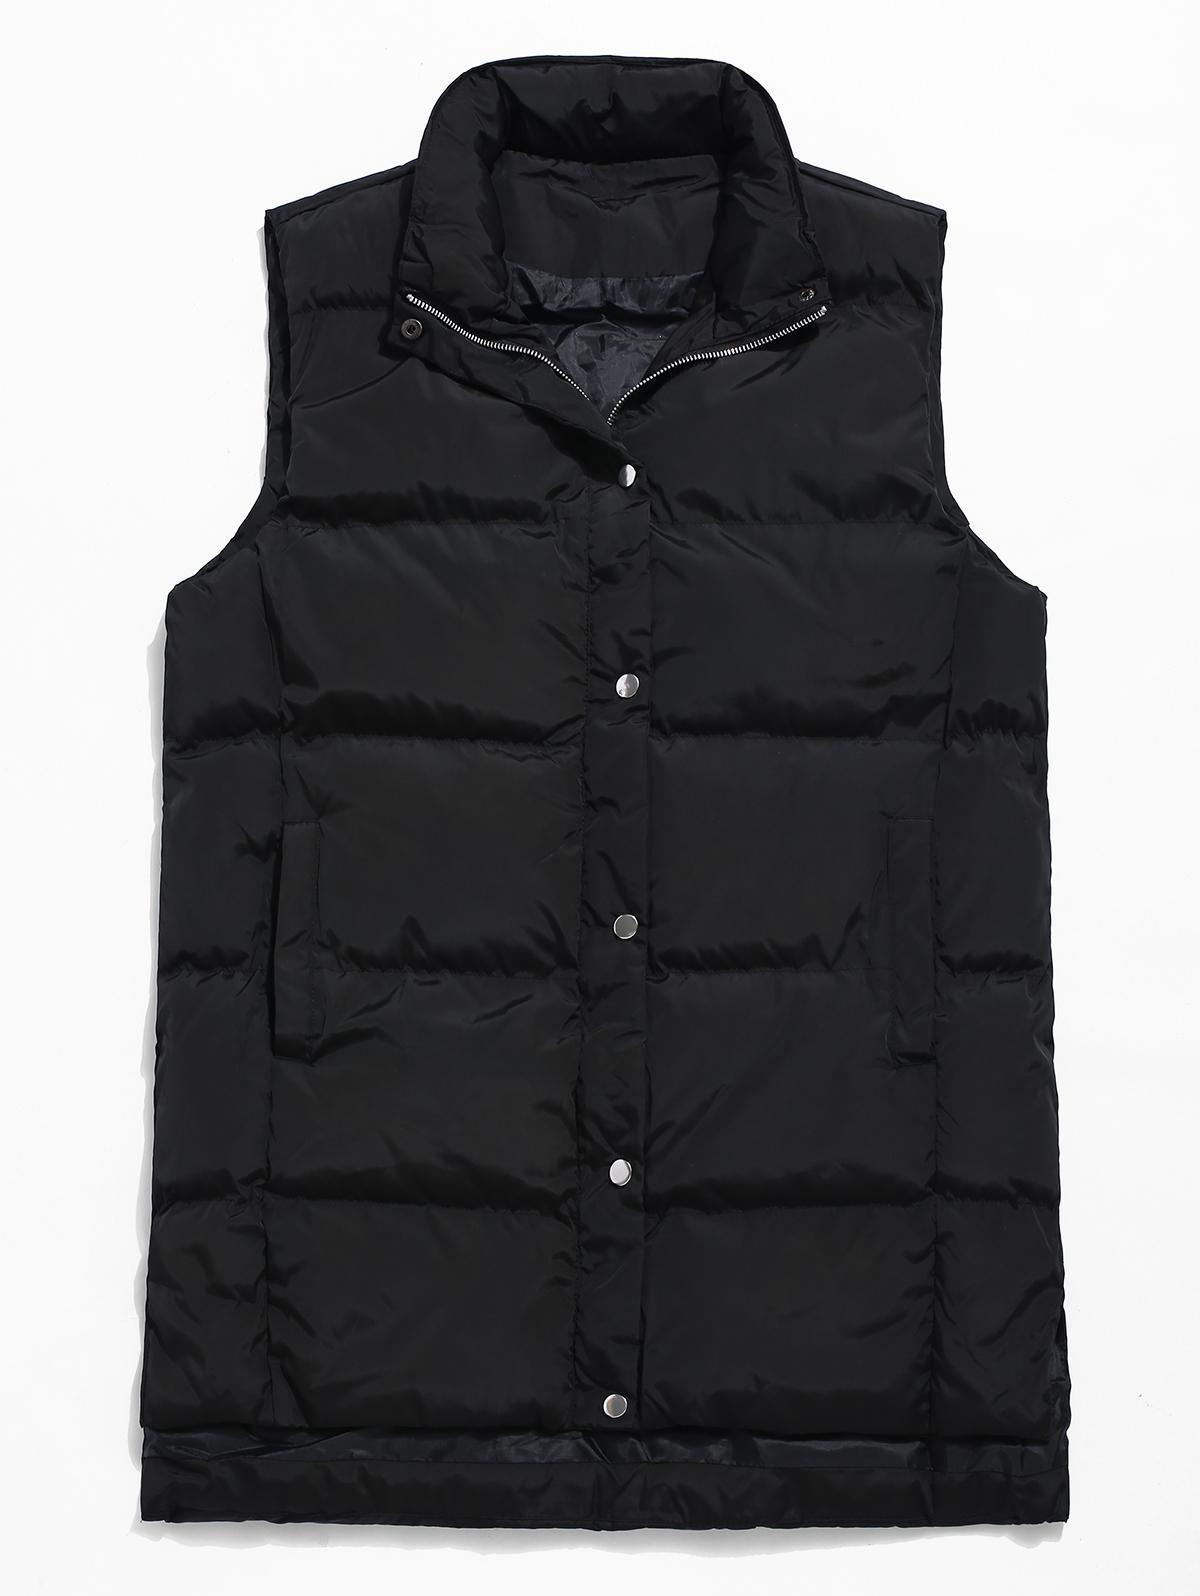 Zip Fly Solid Color Padded Vest, Black